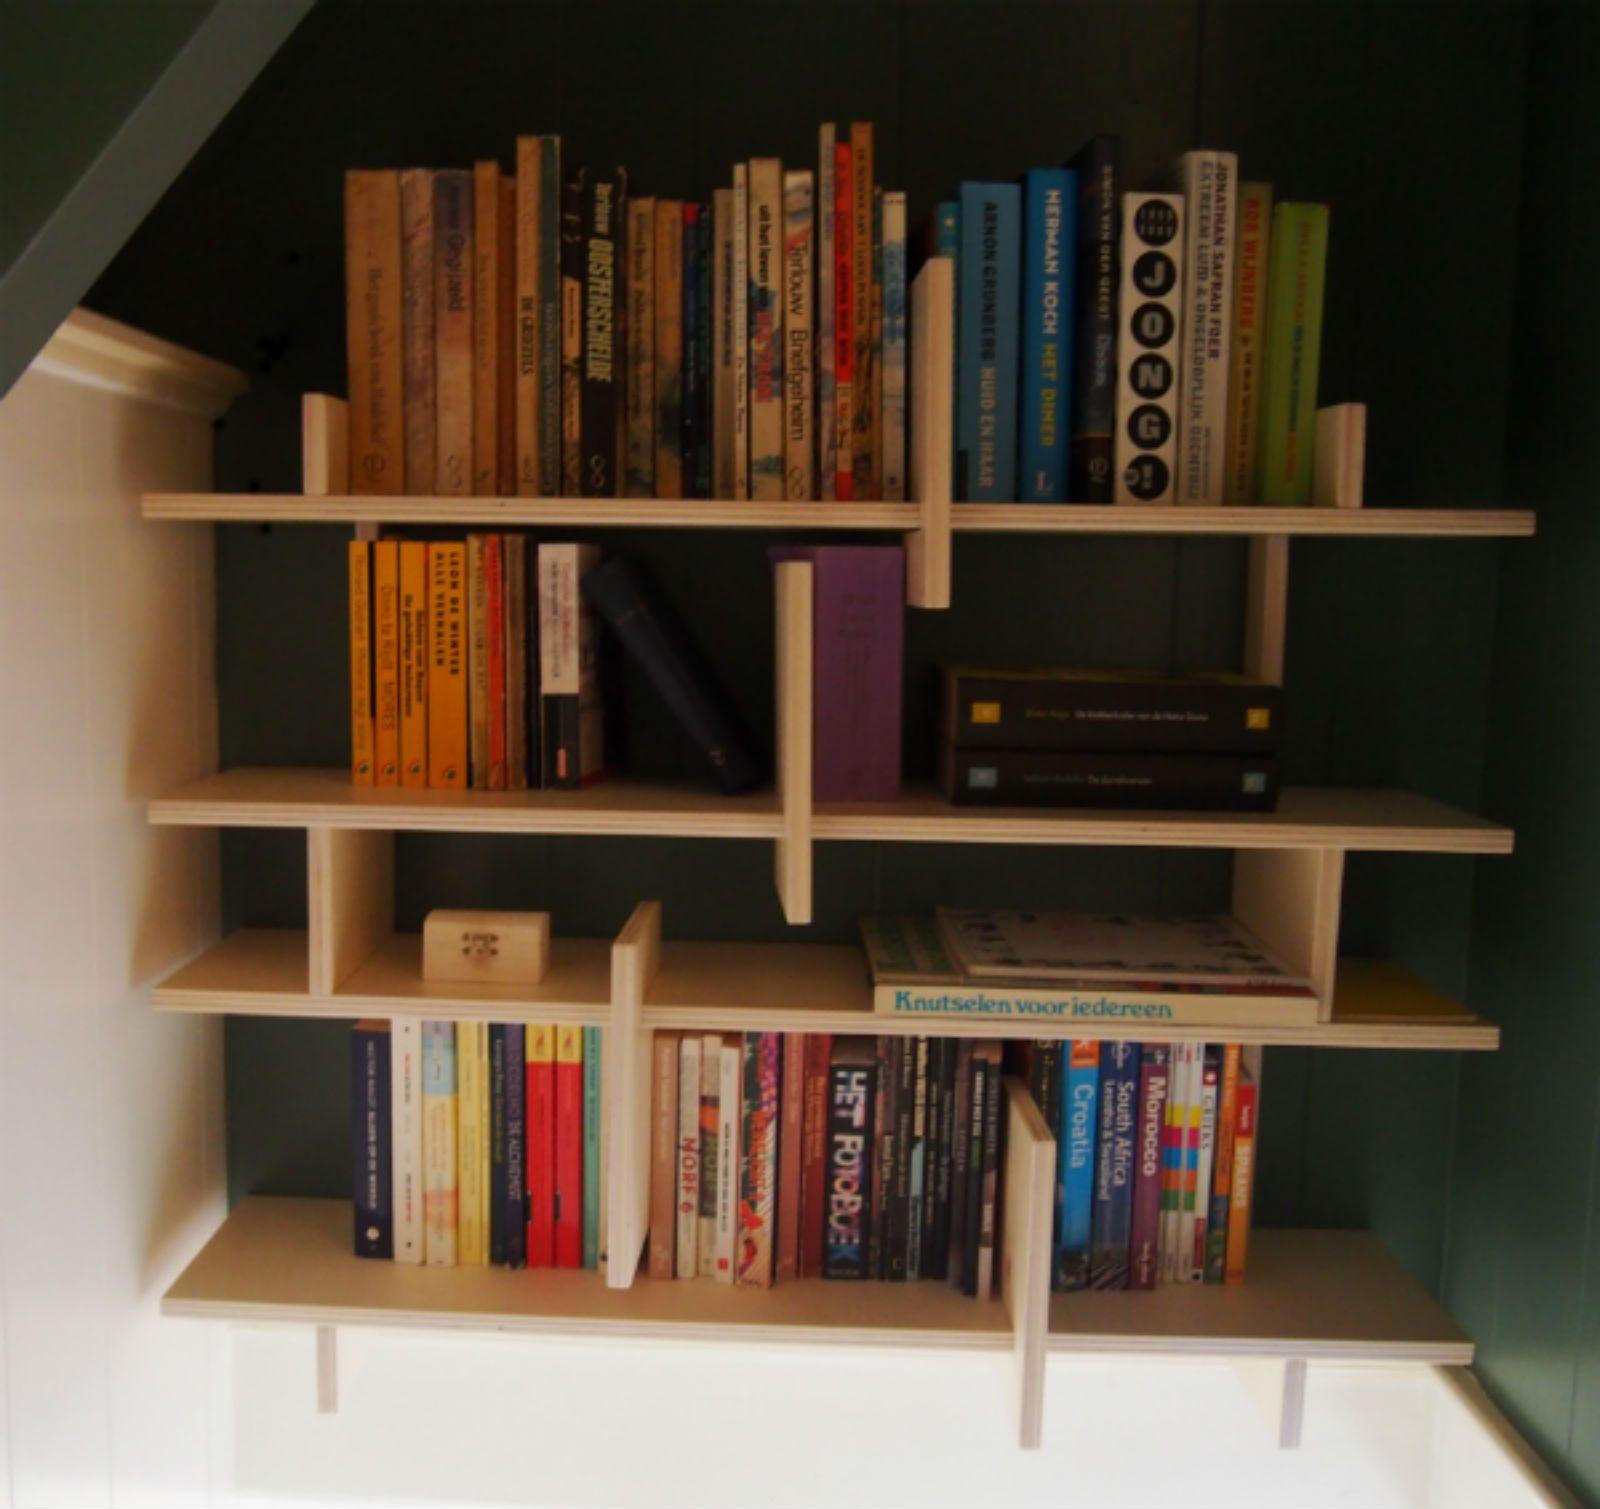 boekenkast in trapgat handige opbergtip van meubelmaker Adriaan Zaanstad